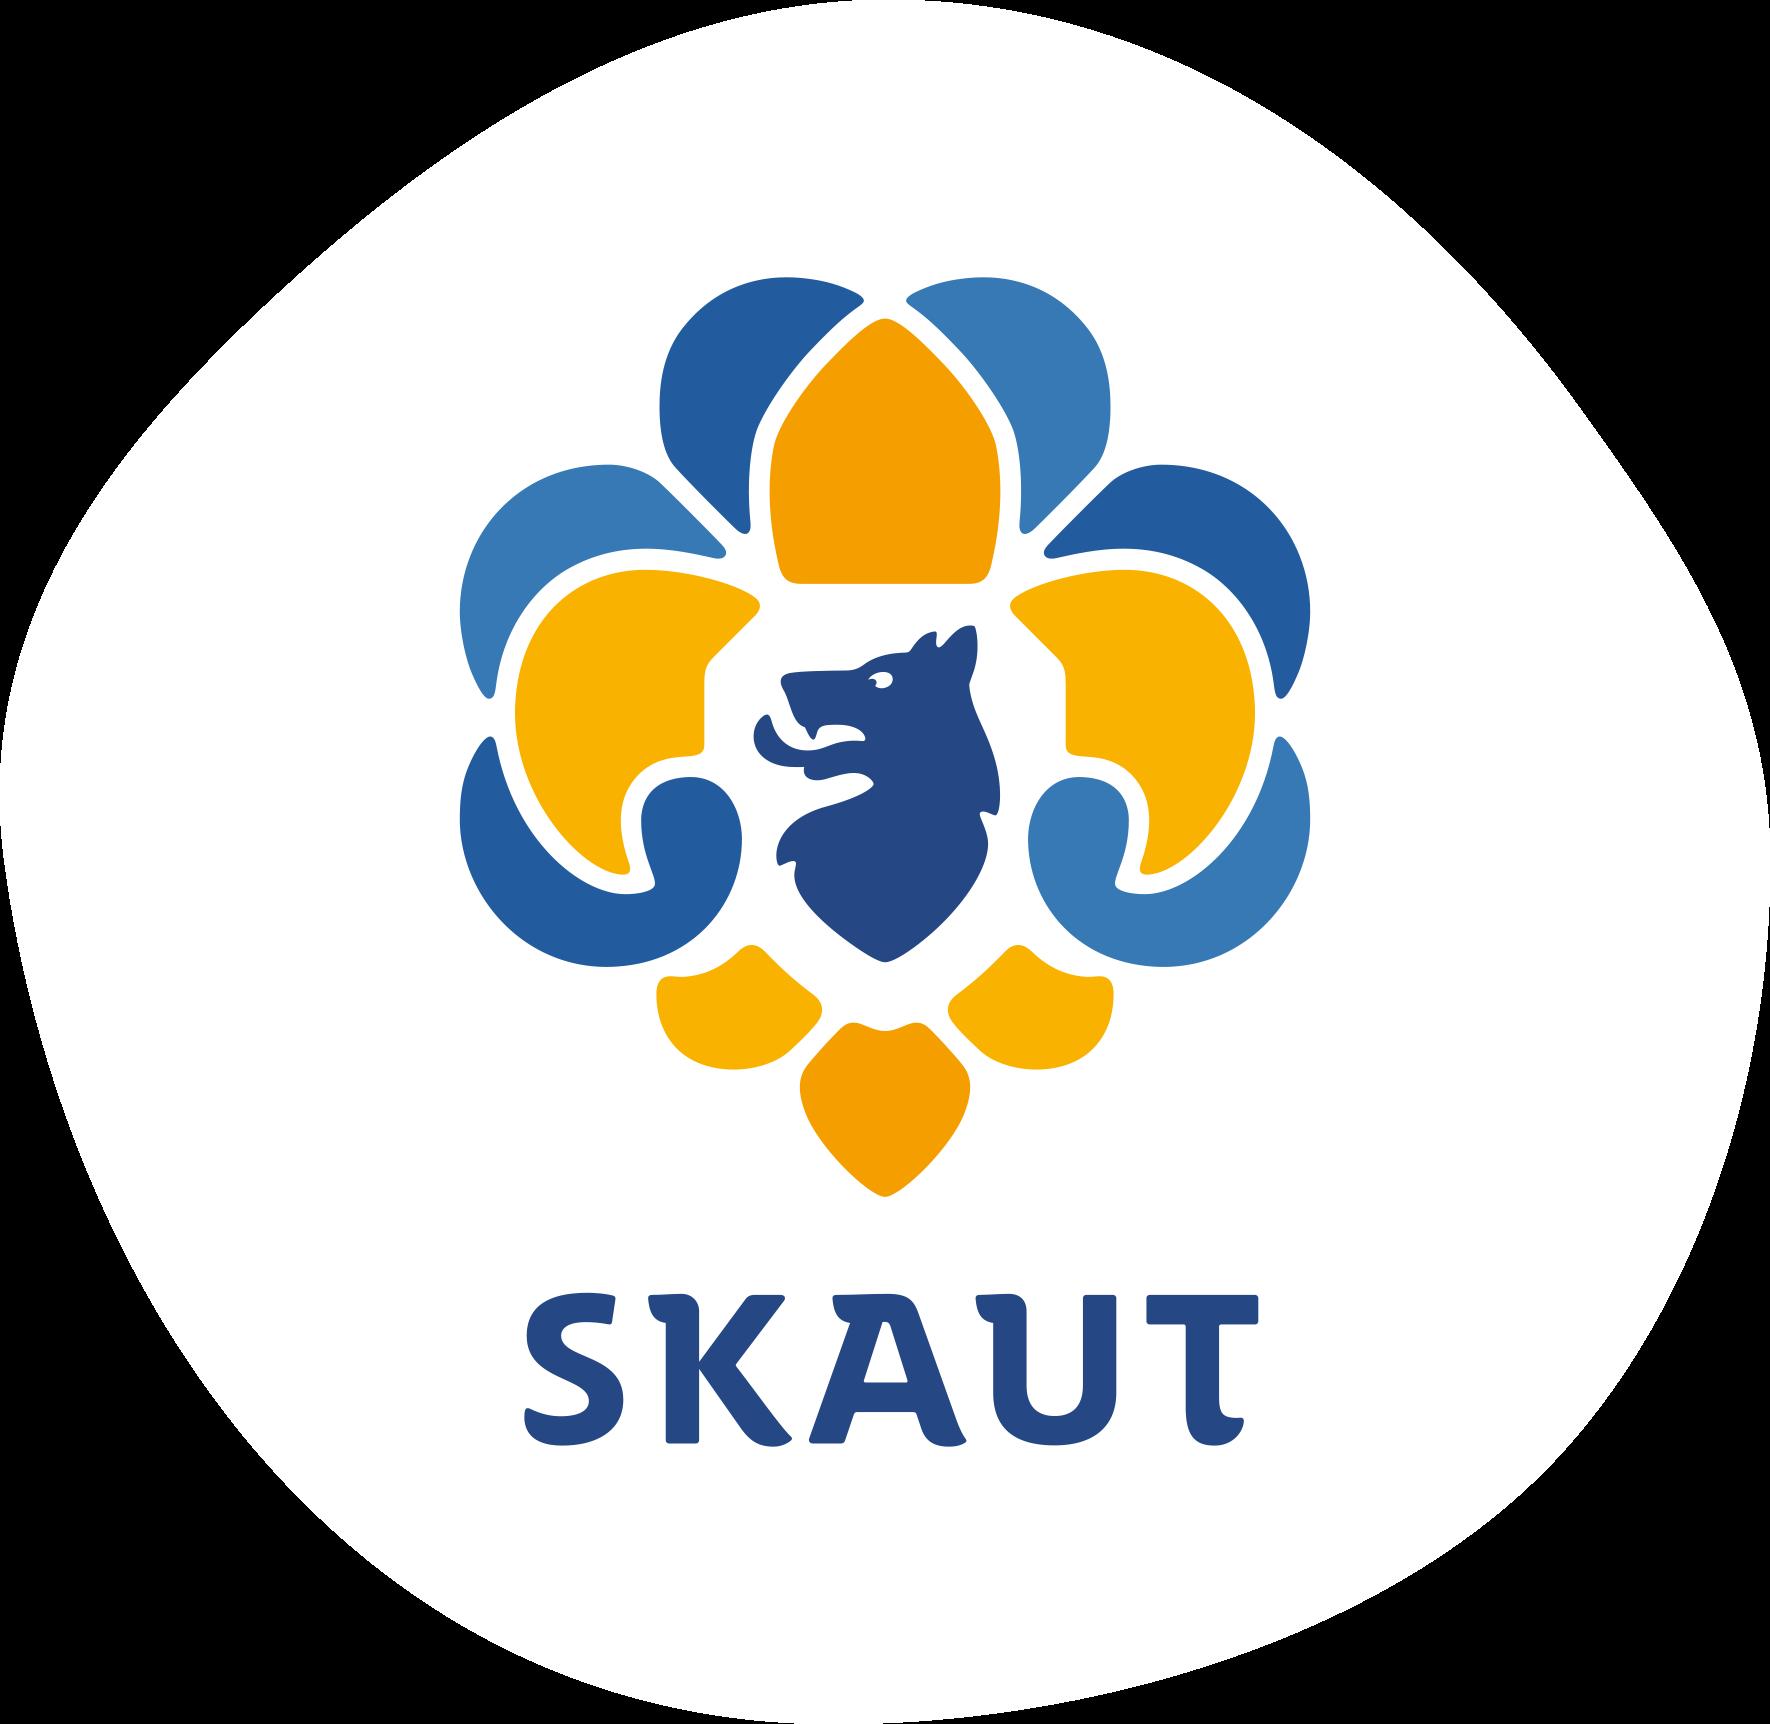 dcskaut.cz